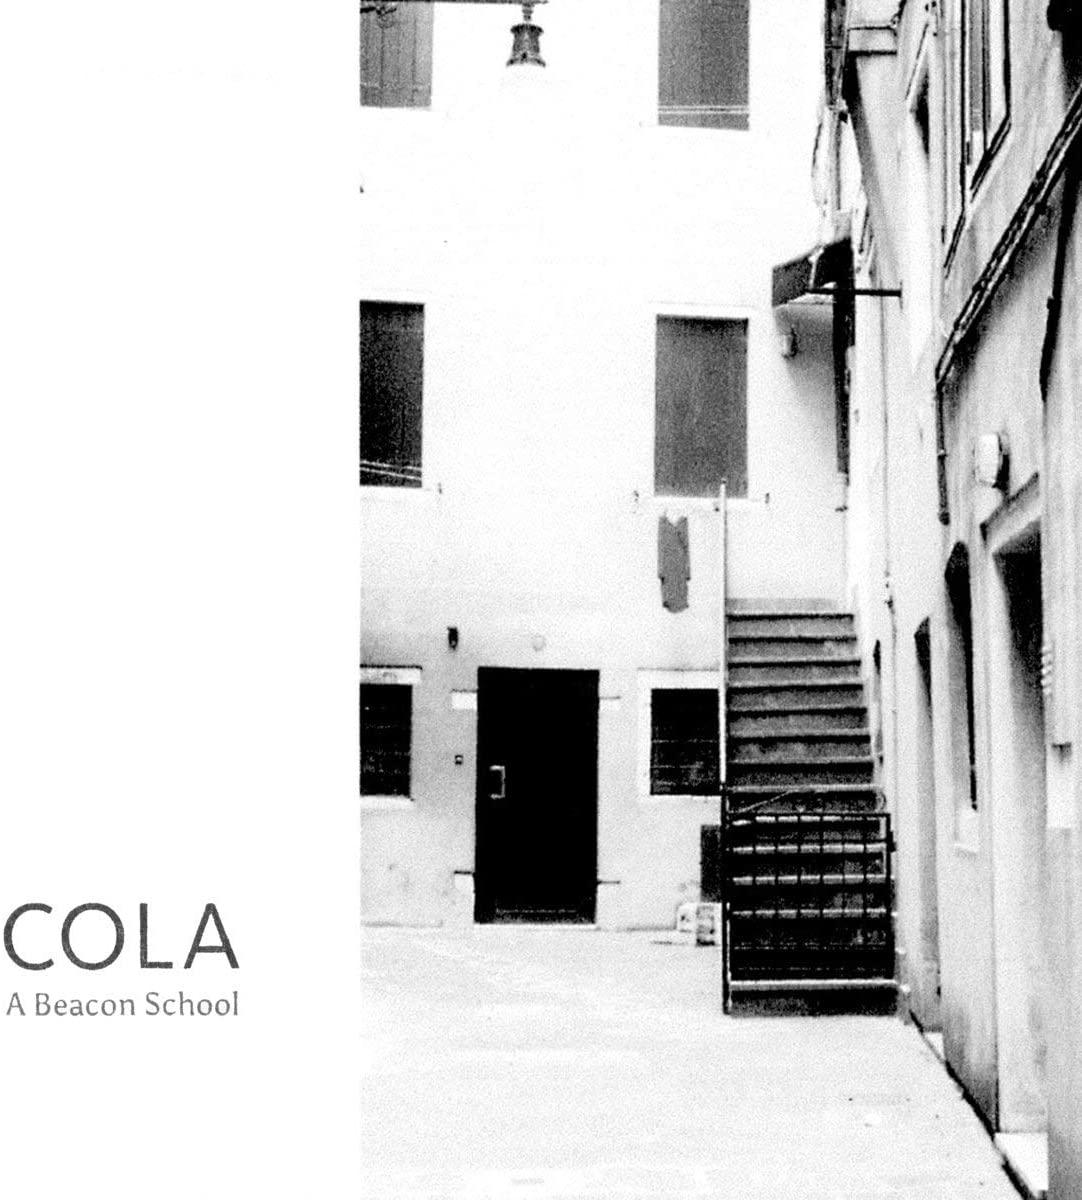 Image of Cola / A Beacon School